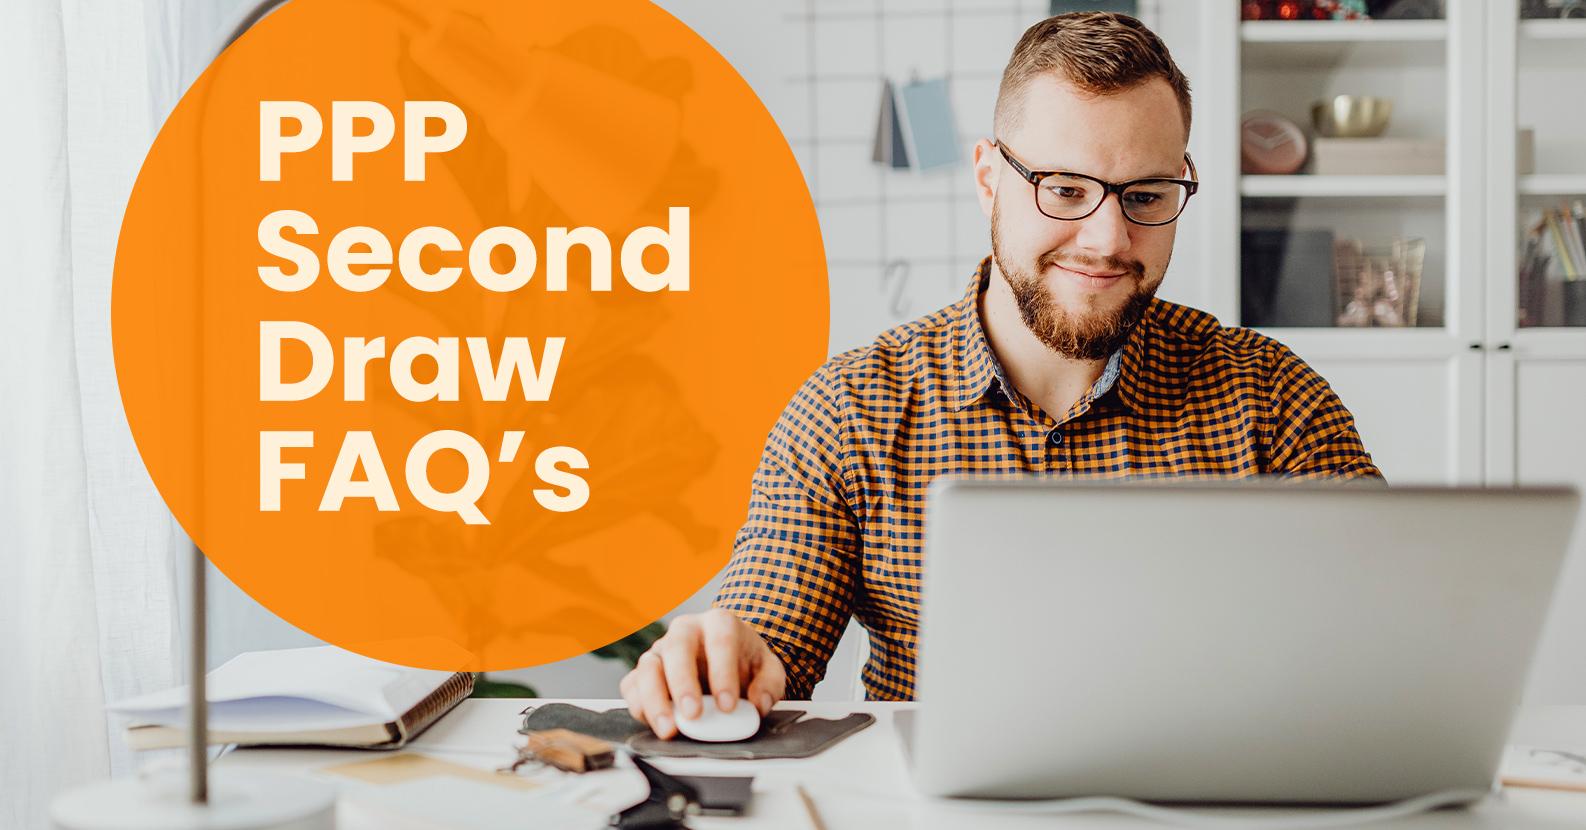 PPP Second Draw FAQ's